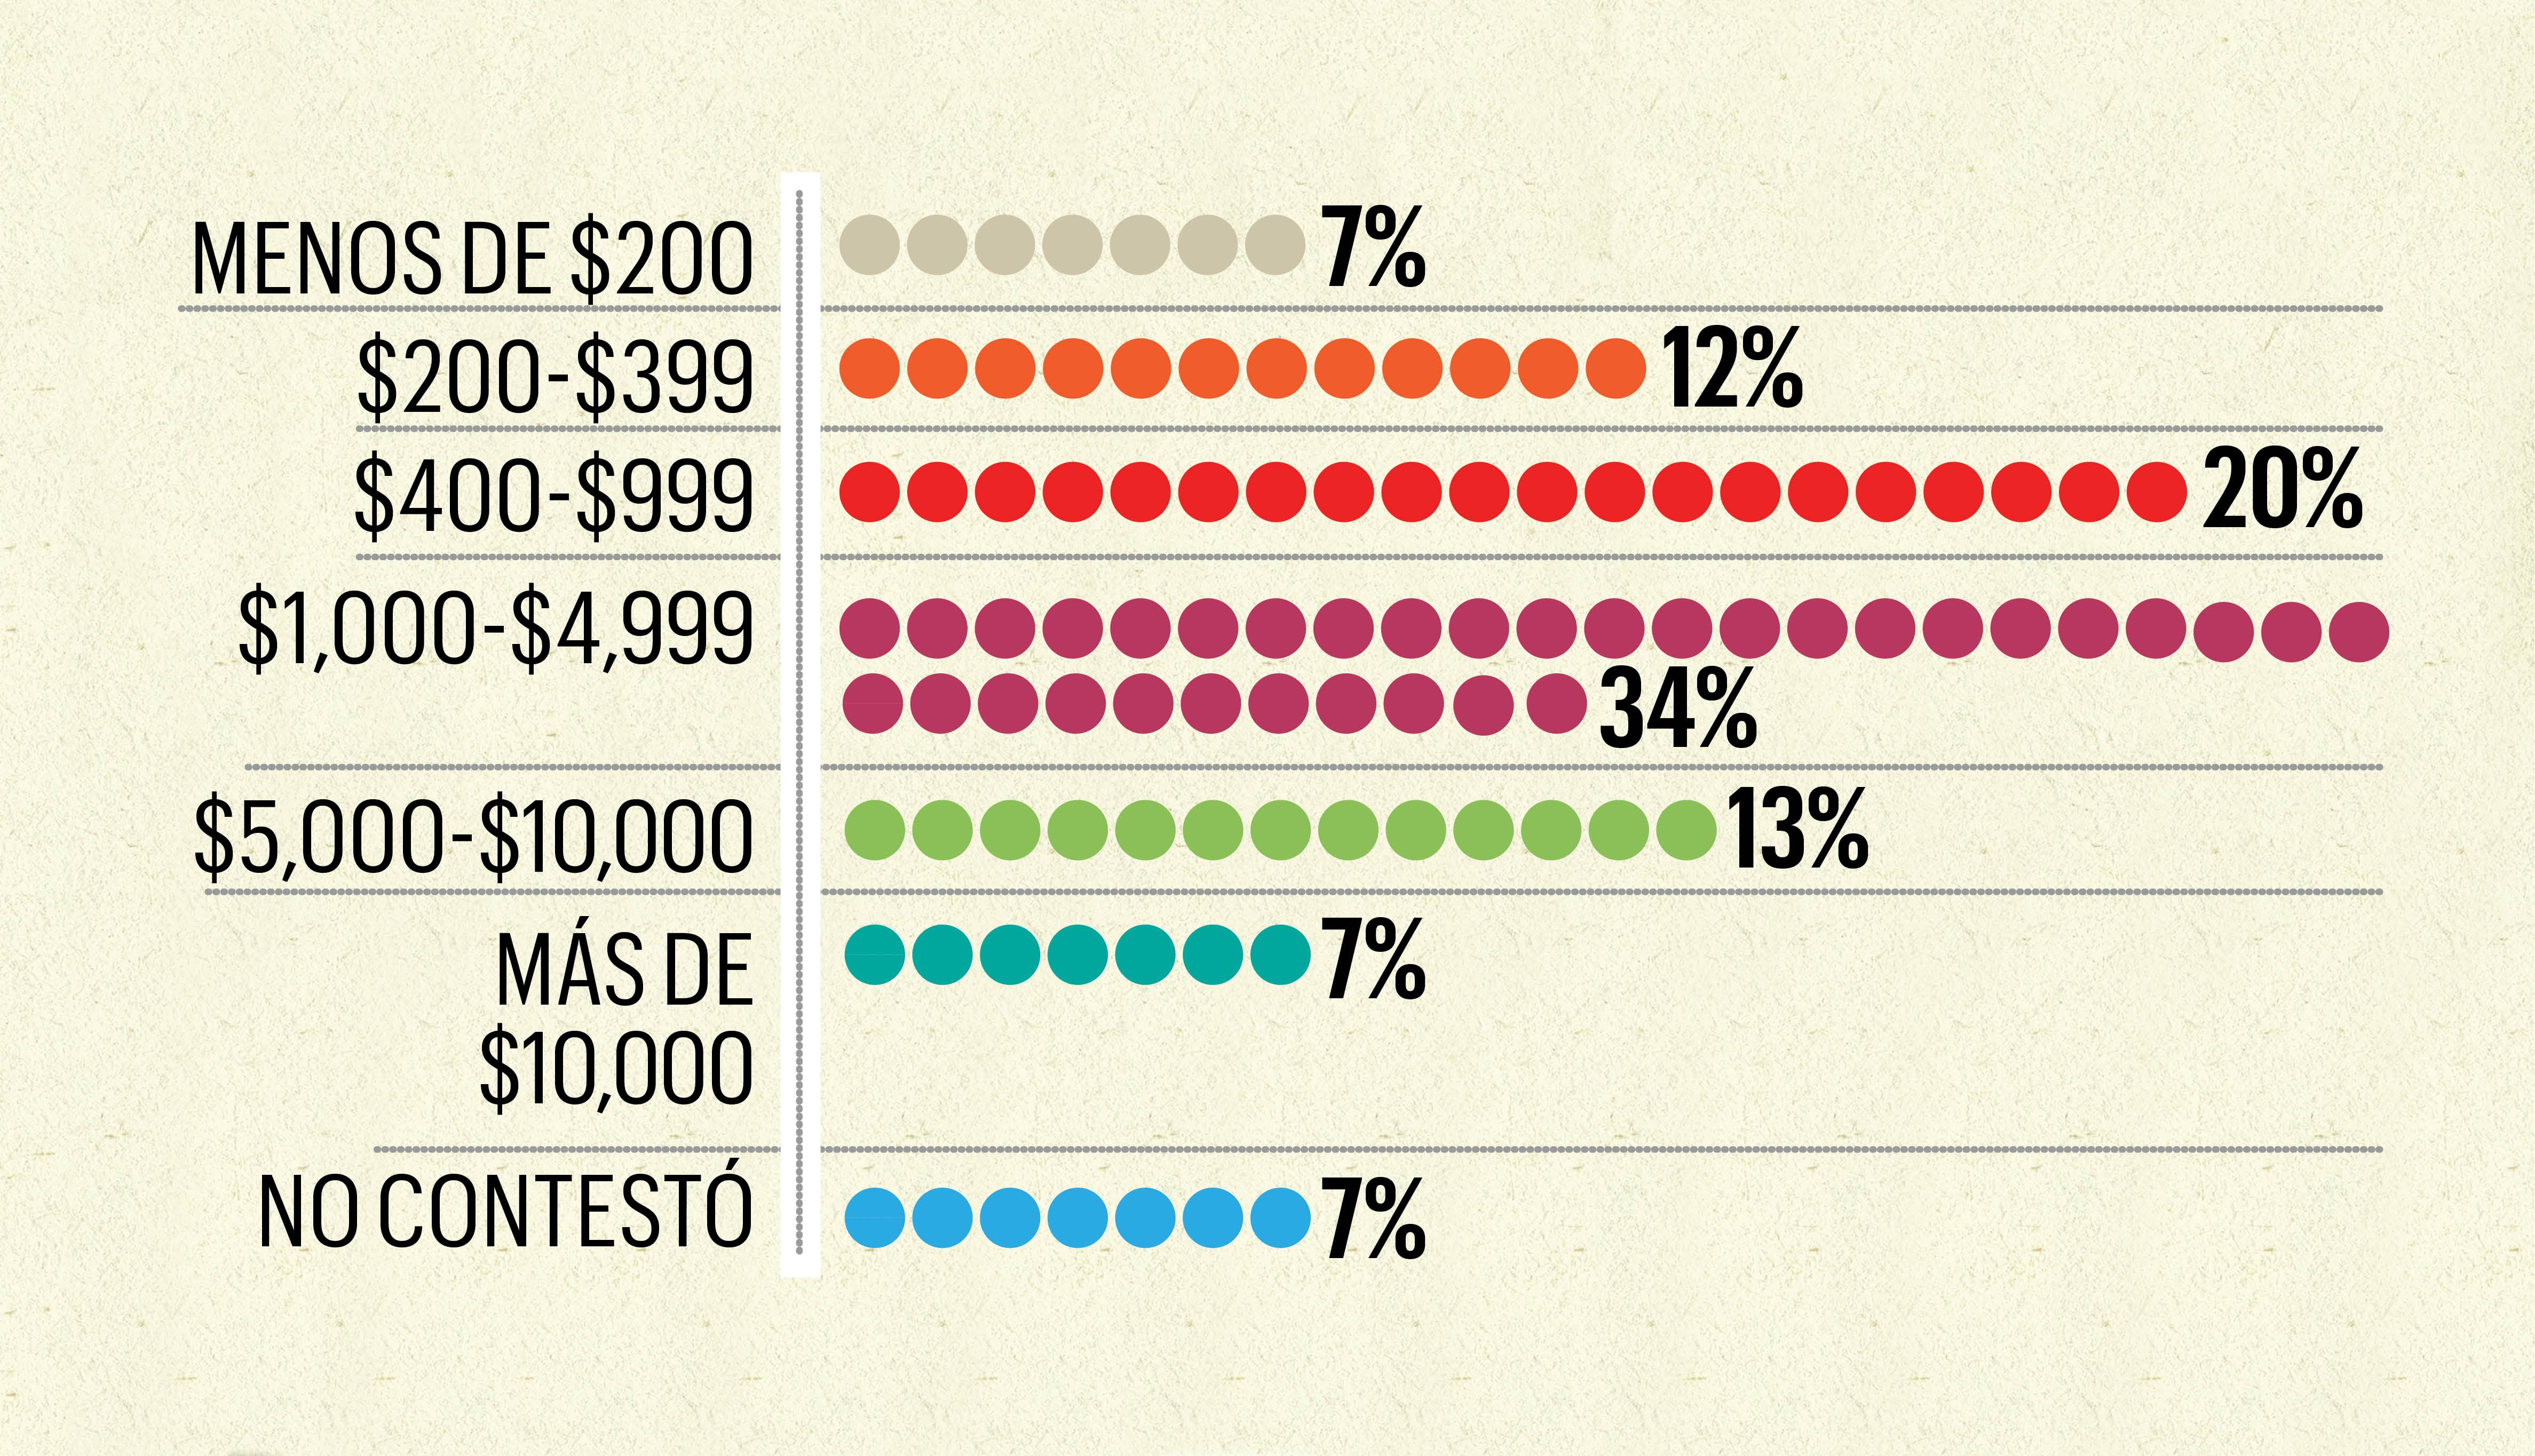 Gráfica estadística muestra los porcentajes de las cantidaddes de dinero que los hijos dieron a sus padres en los pasados 12 meses.